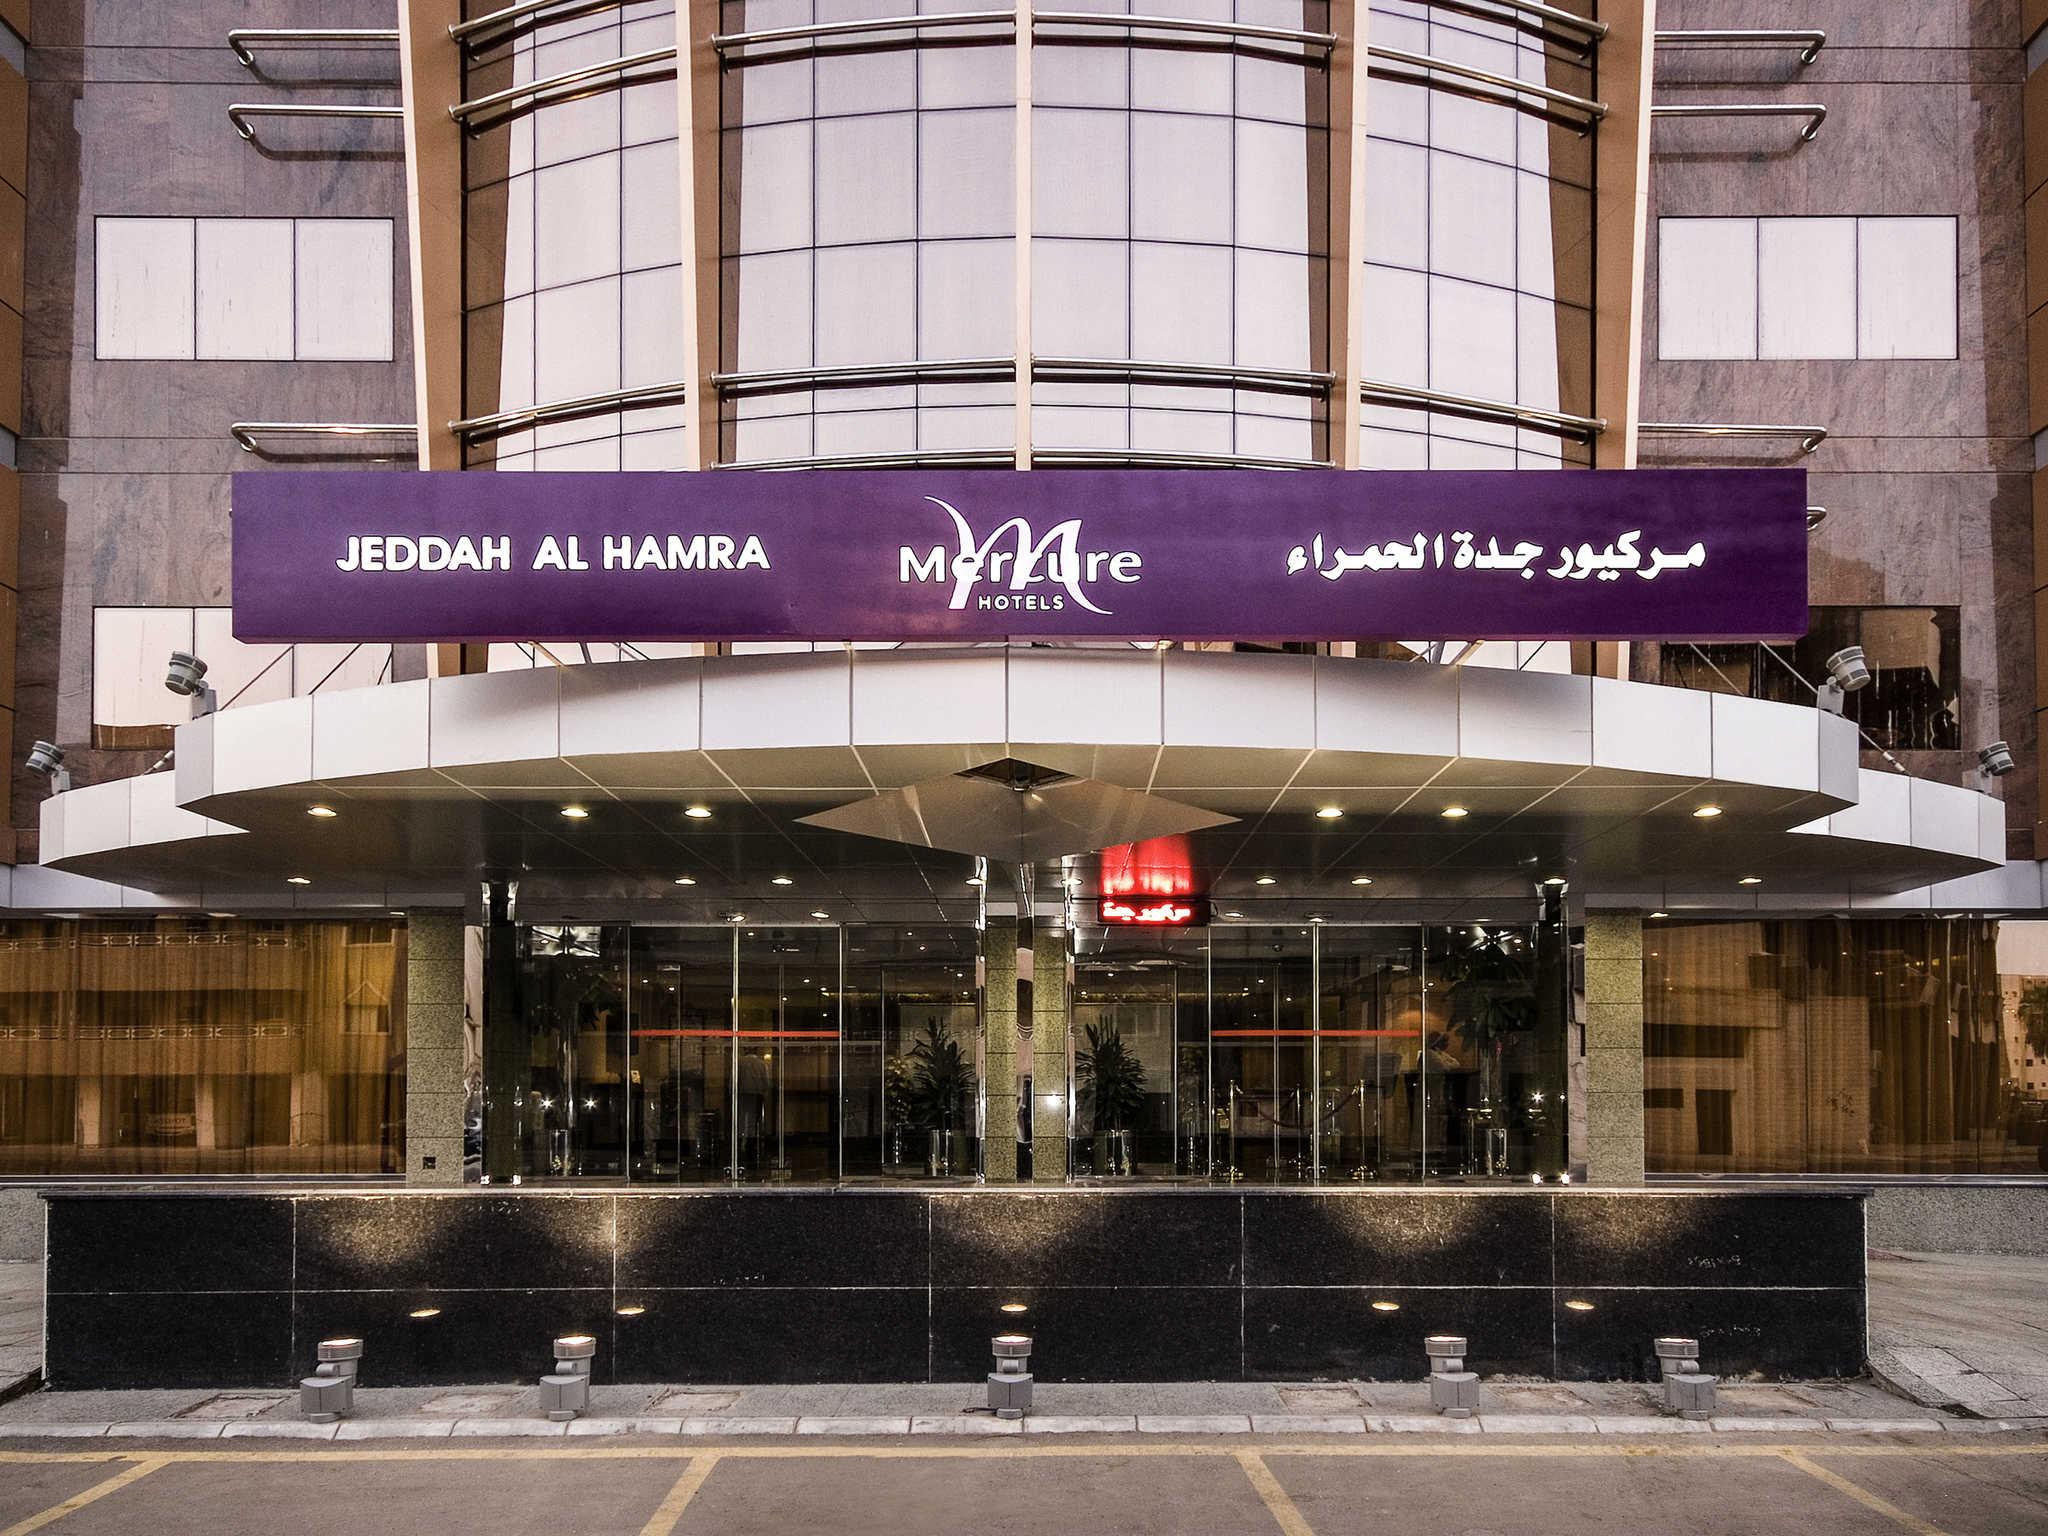 ホテル – メルキュールジェッダアルハムラ